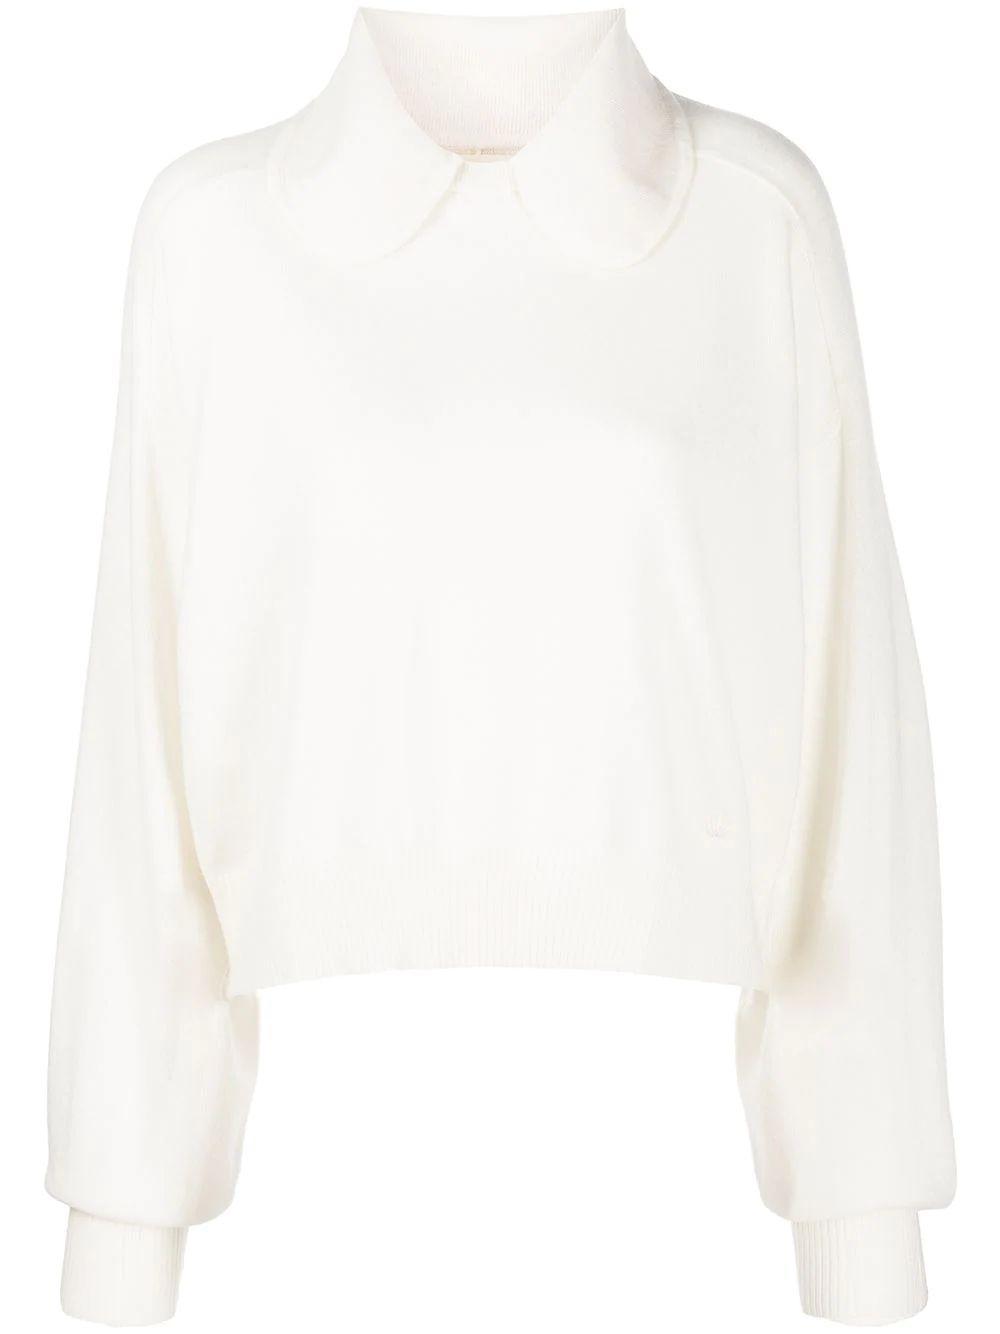 Clarion Sweater Item # CLARION